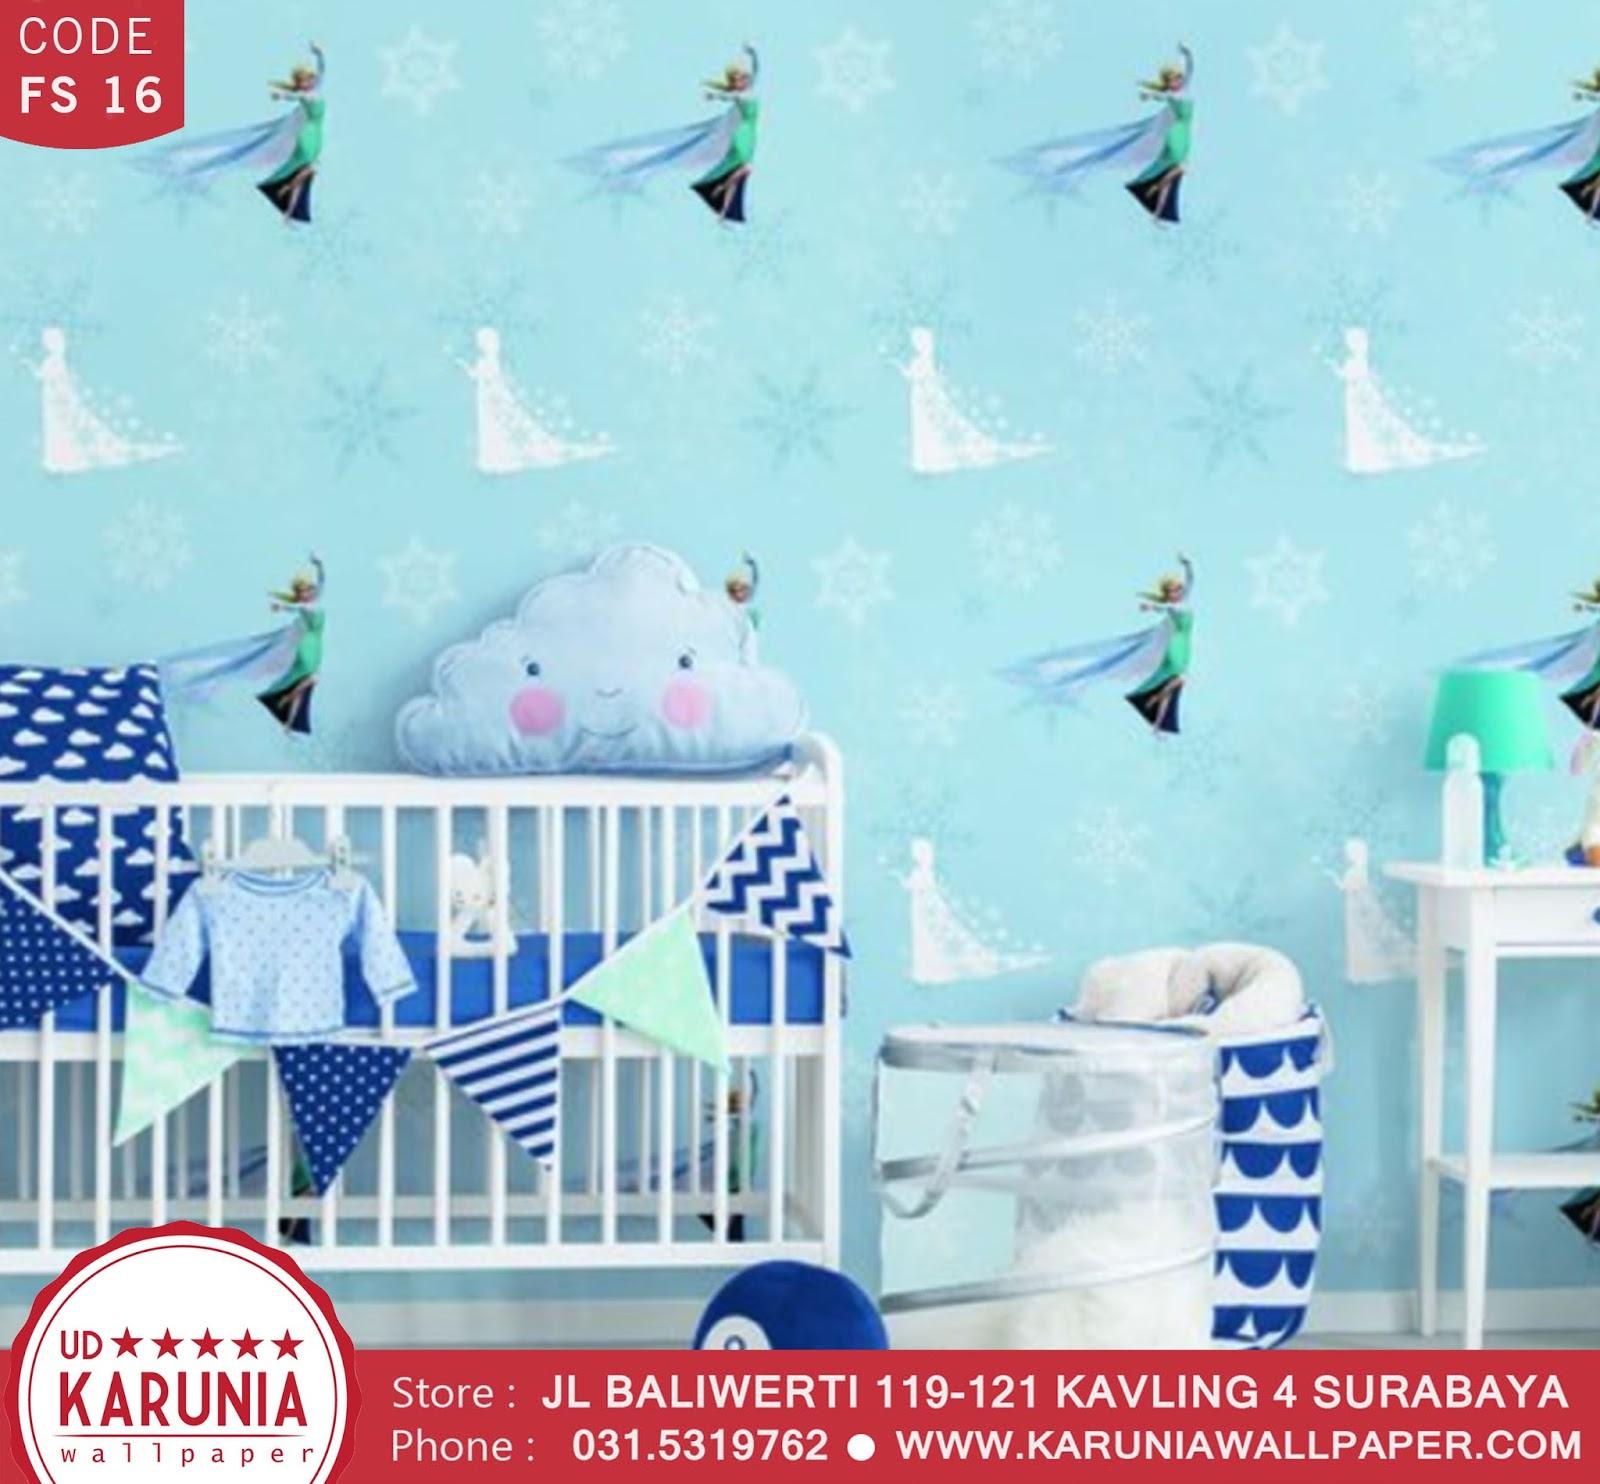 jual wallpaper dinding elsa karuniawallpaper surabaya